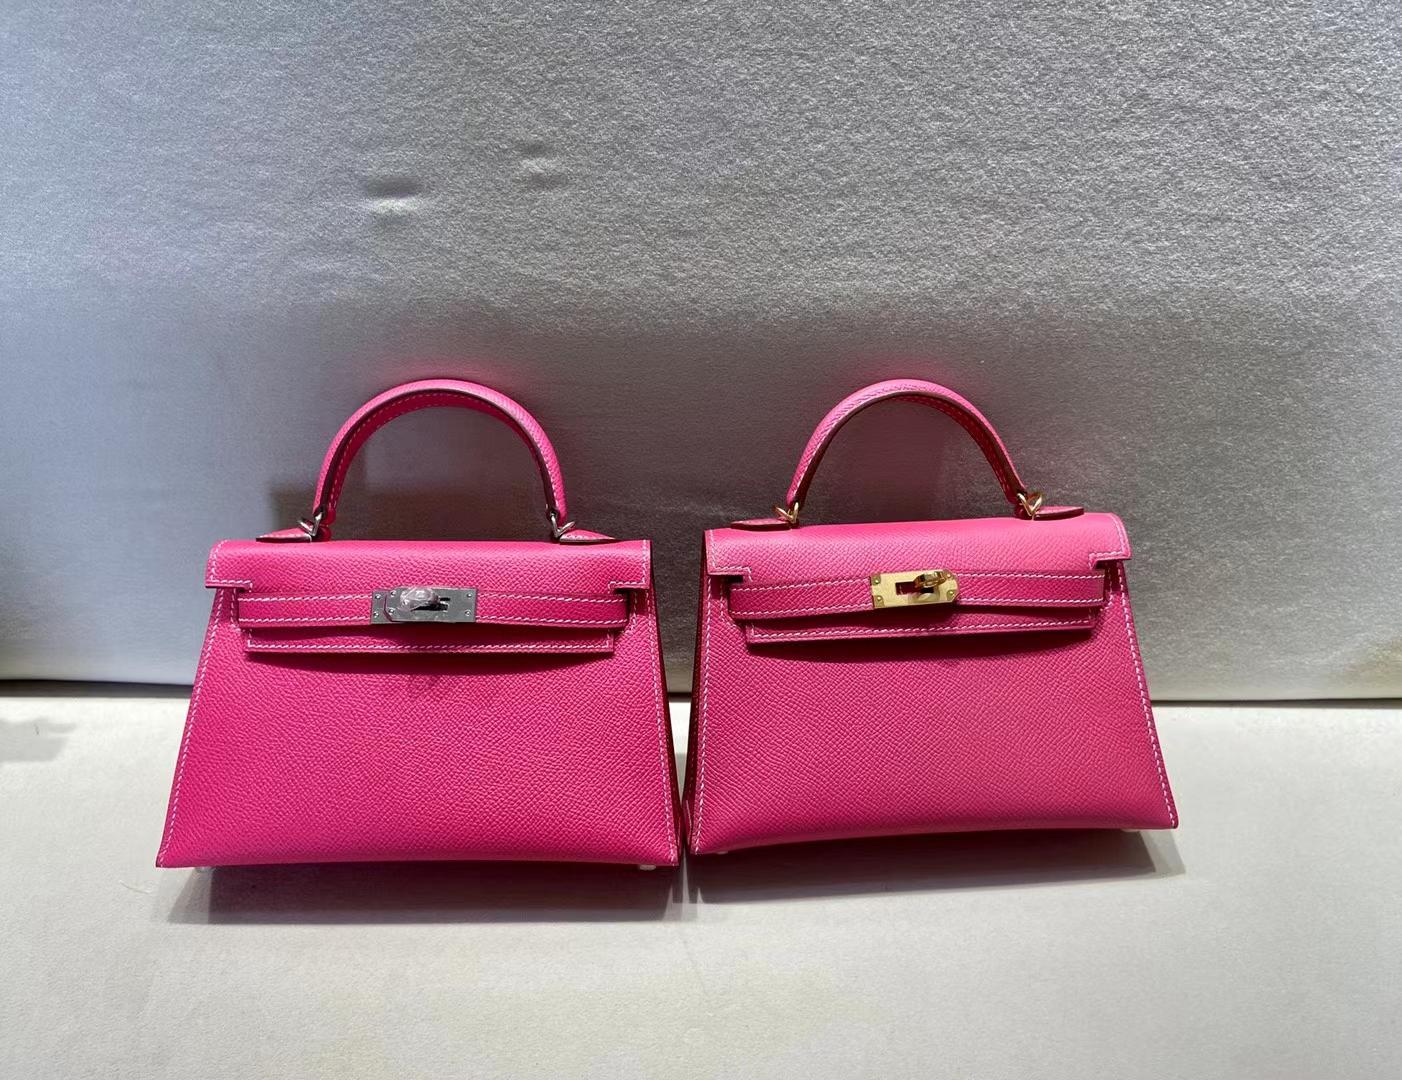 Hermès(爱马仕)miniKelly 二代 epsom 糖果粉 银扣 顶级品质 现货